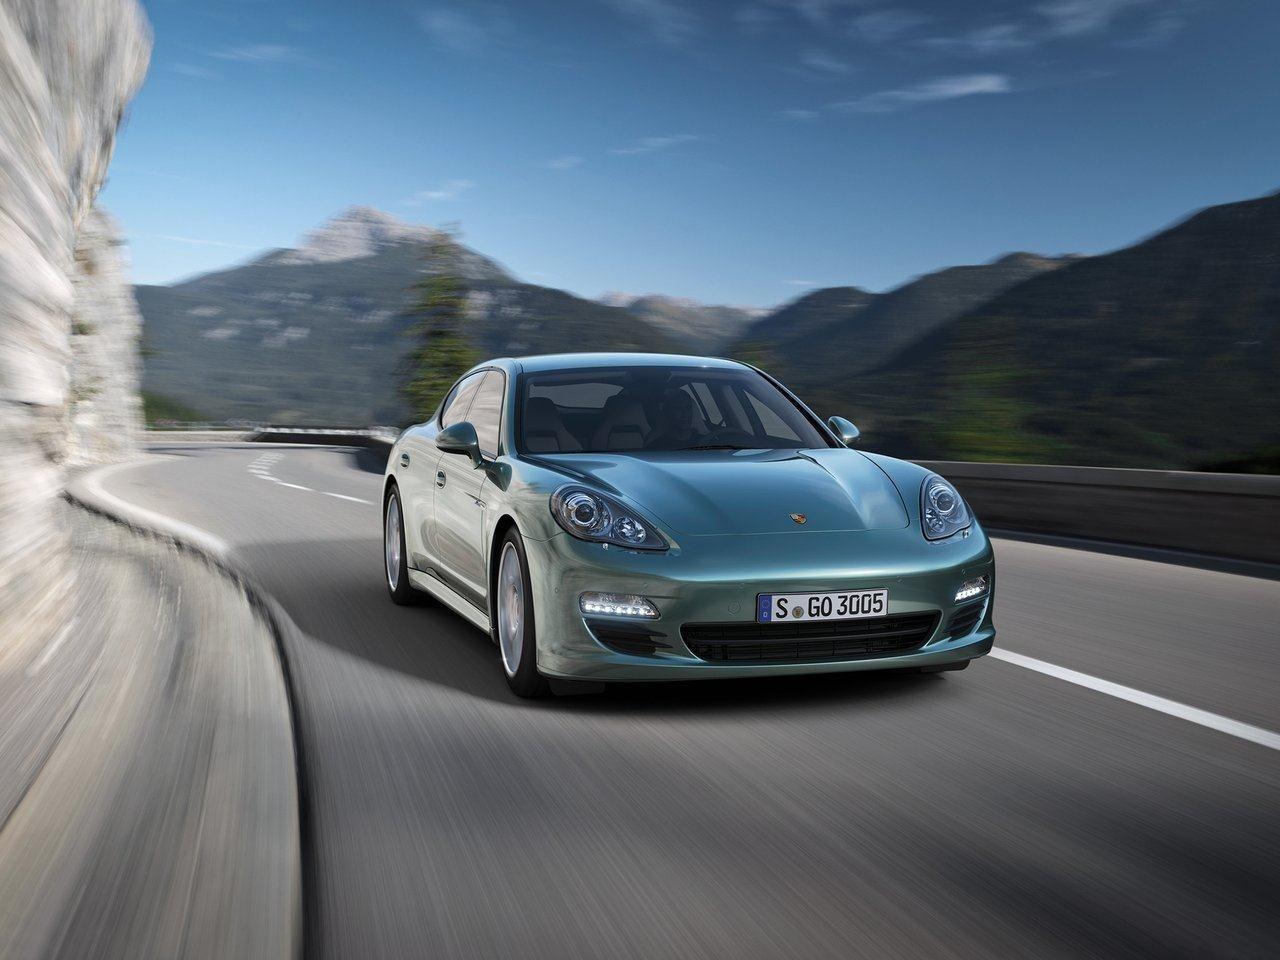 Francfort 2013 : la Porsche Panamera diesel gagne 50 chevaux